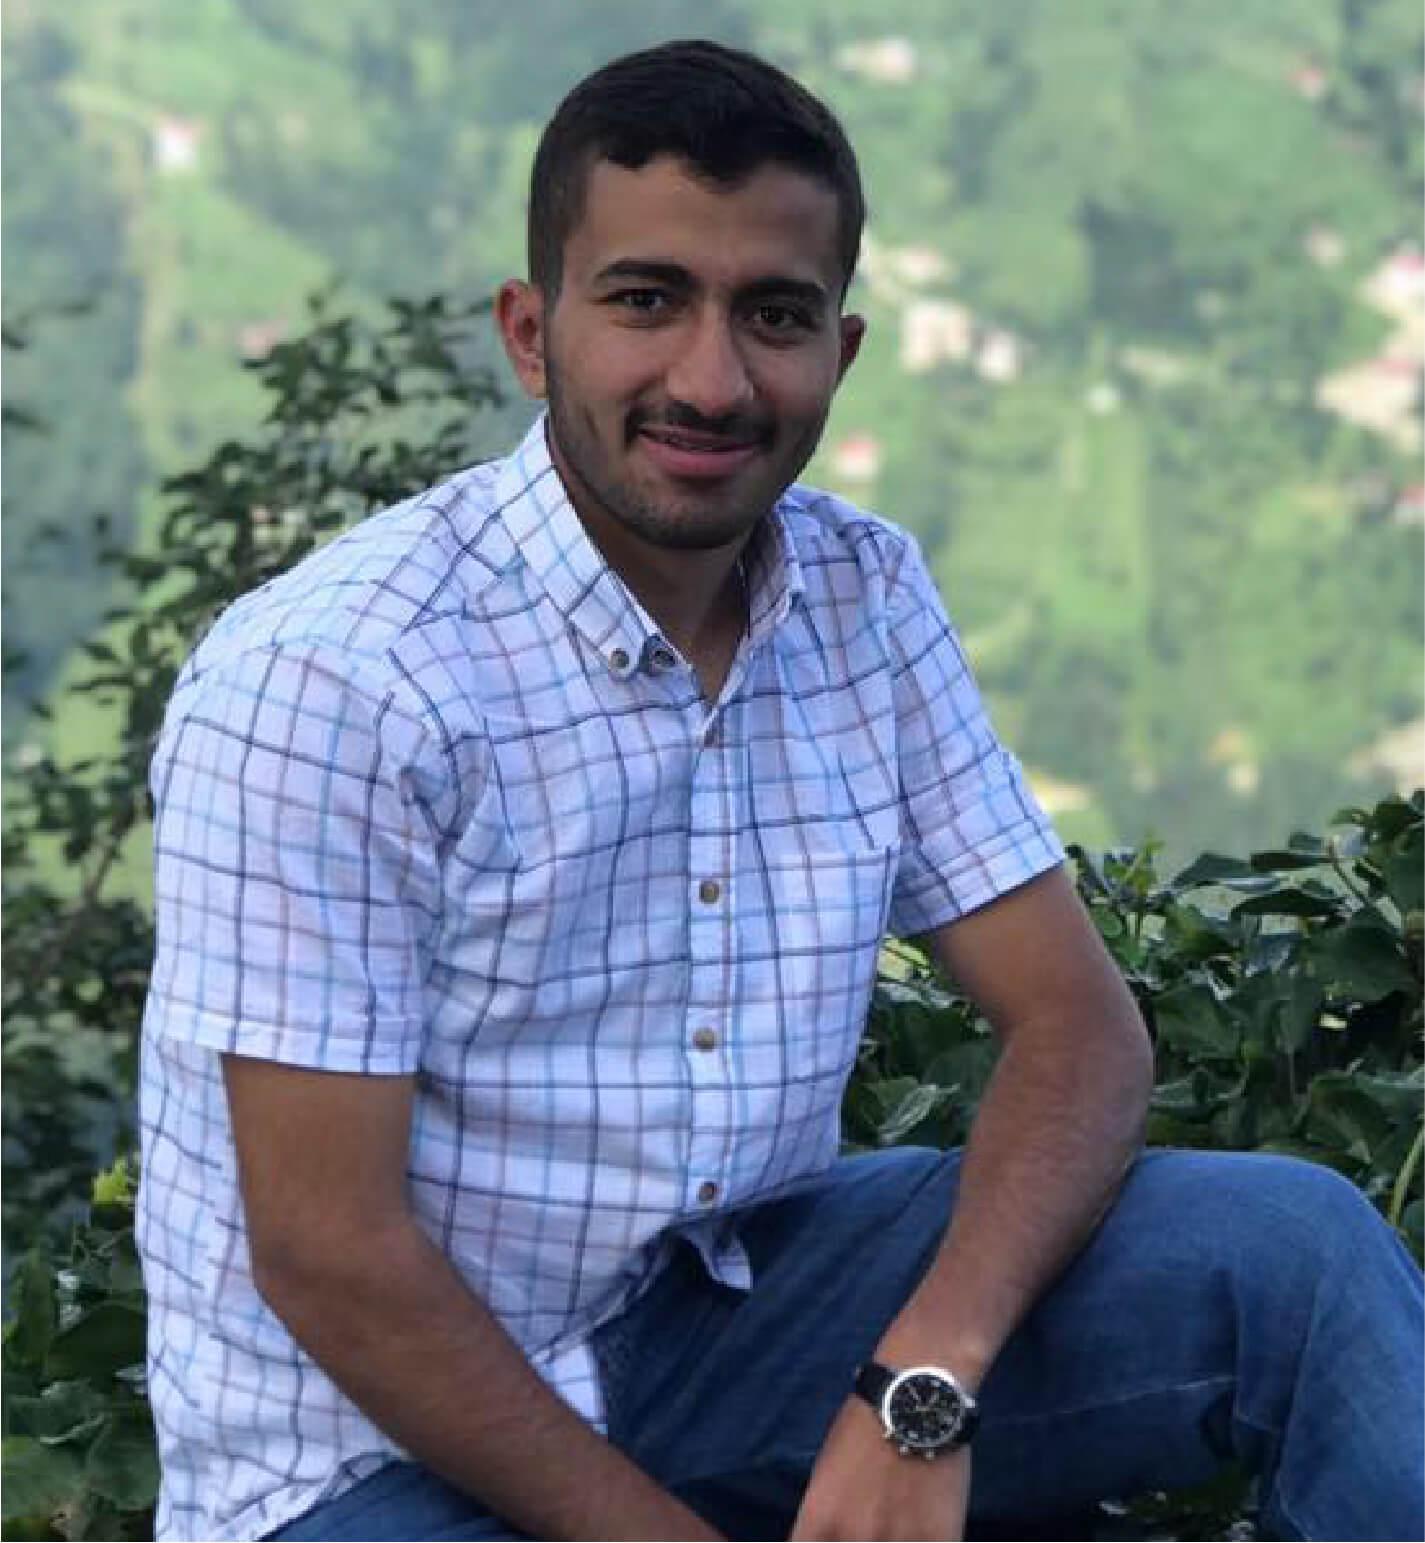 Ahmad Tarairah